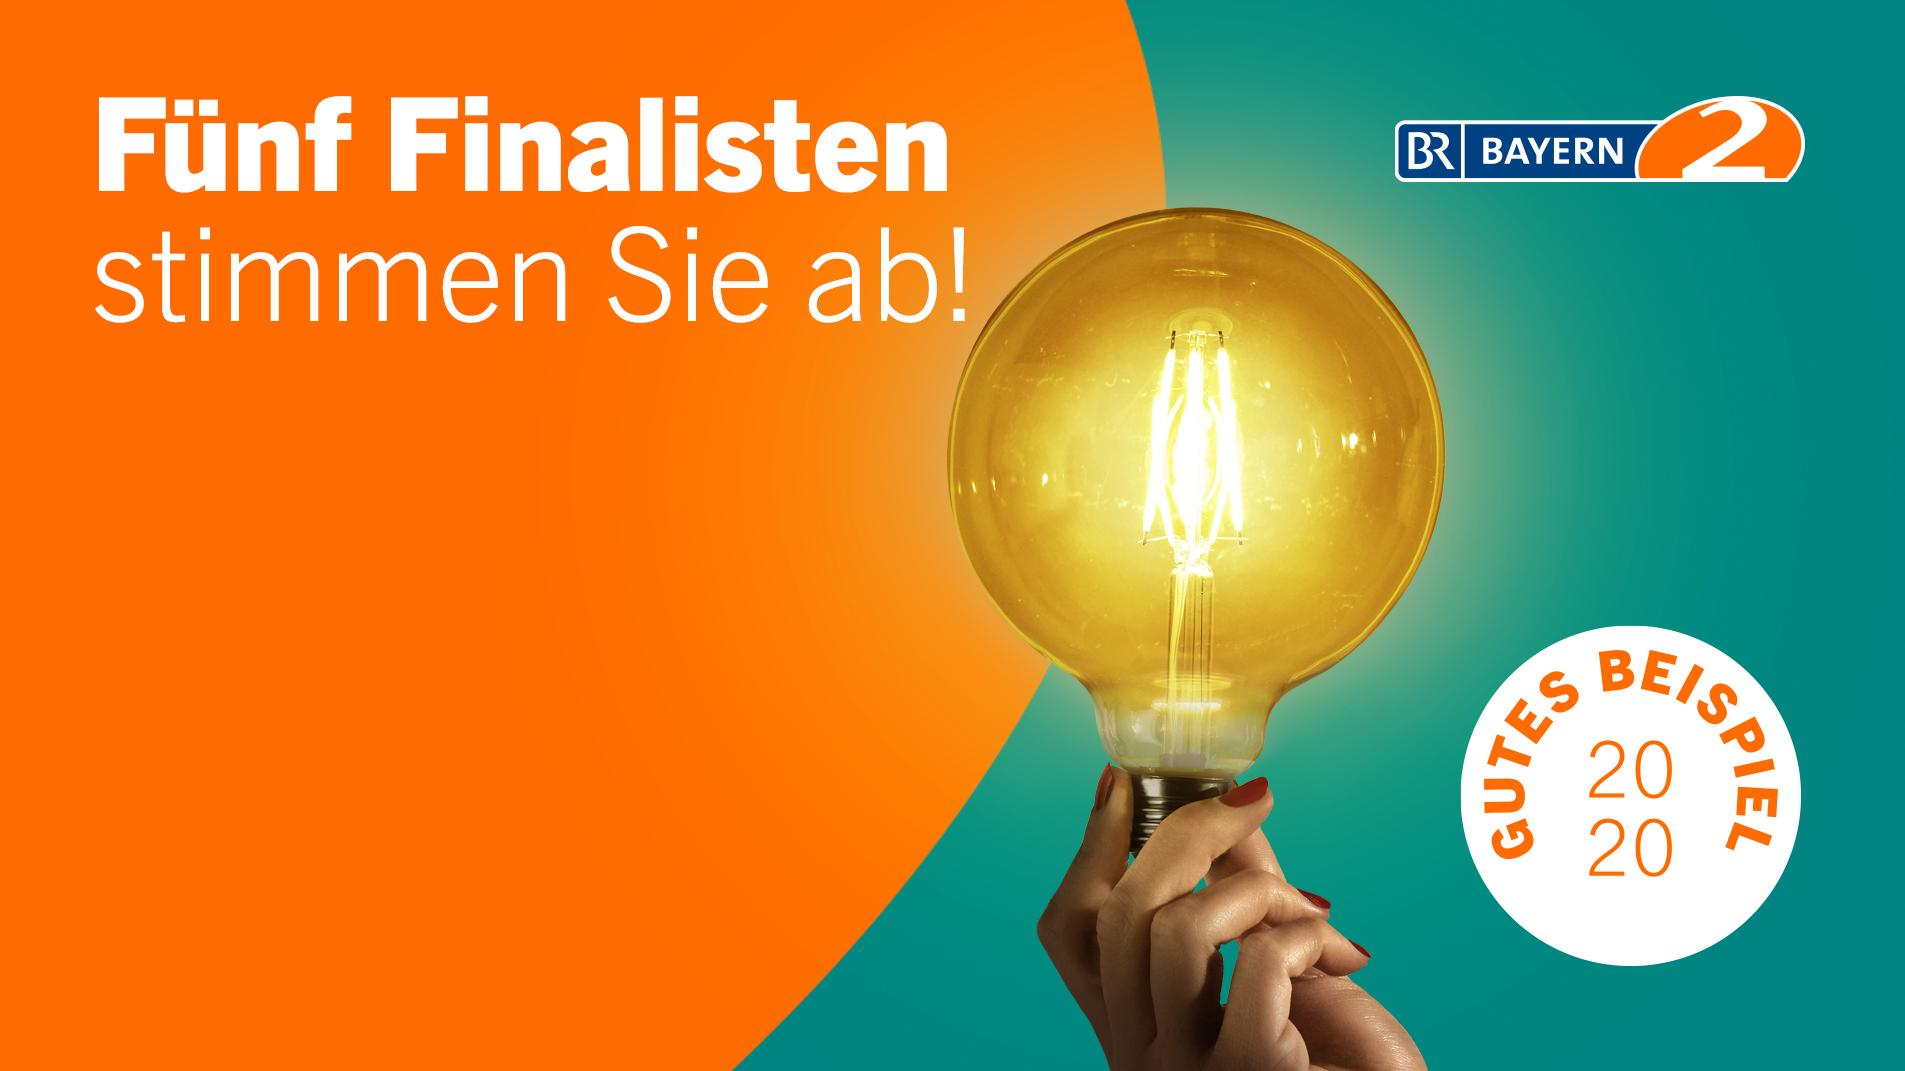 Fünf Finalisten - Stimmen Sie ab!